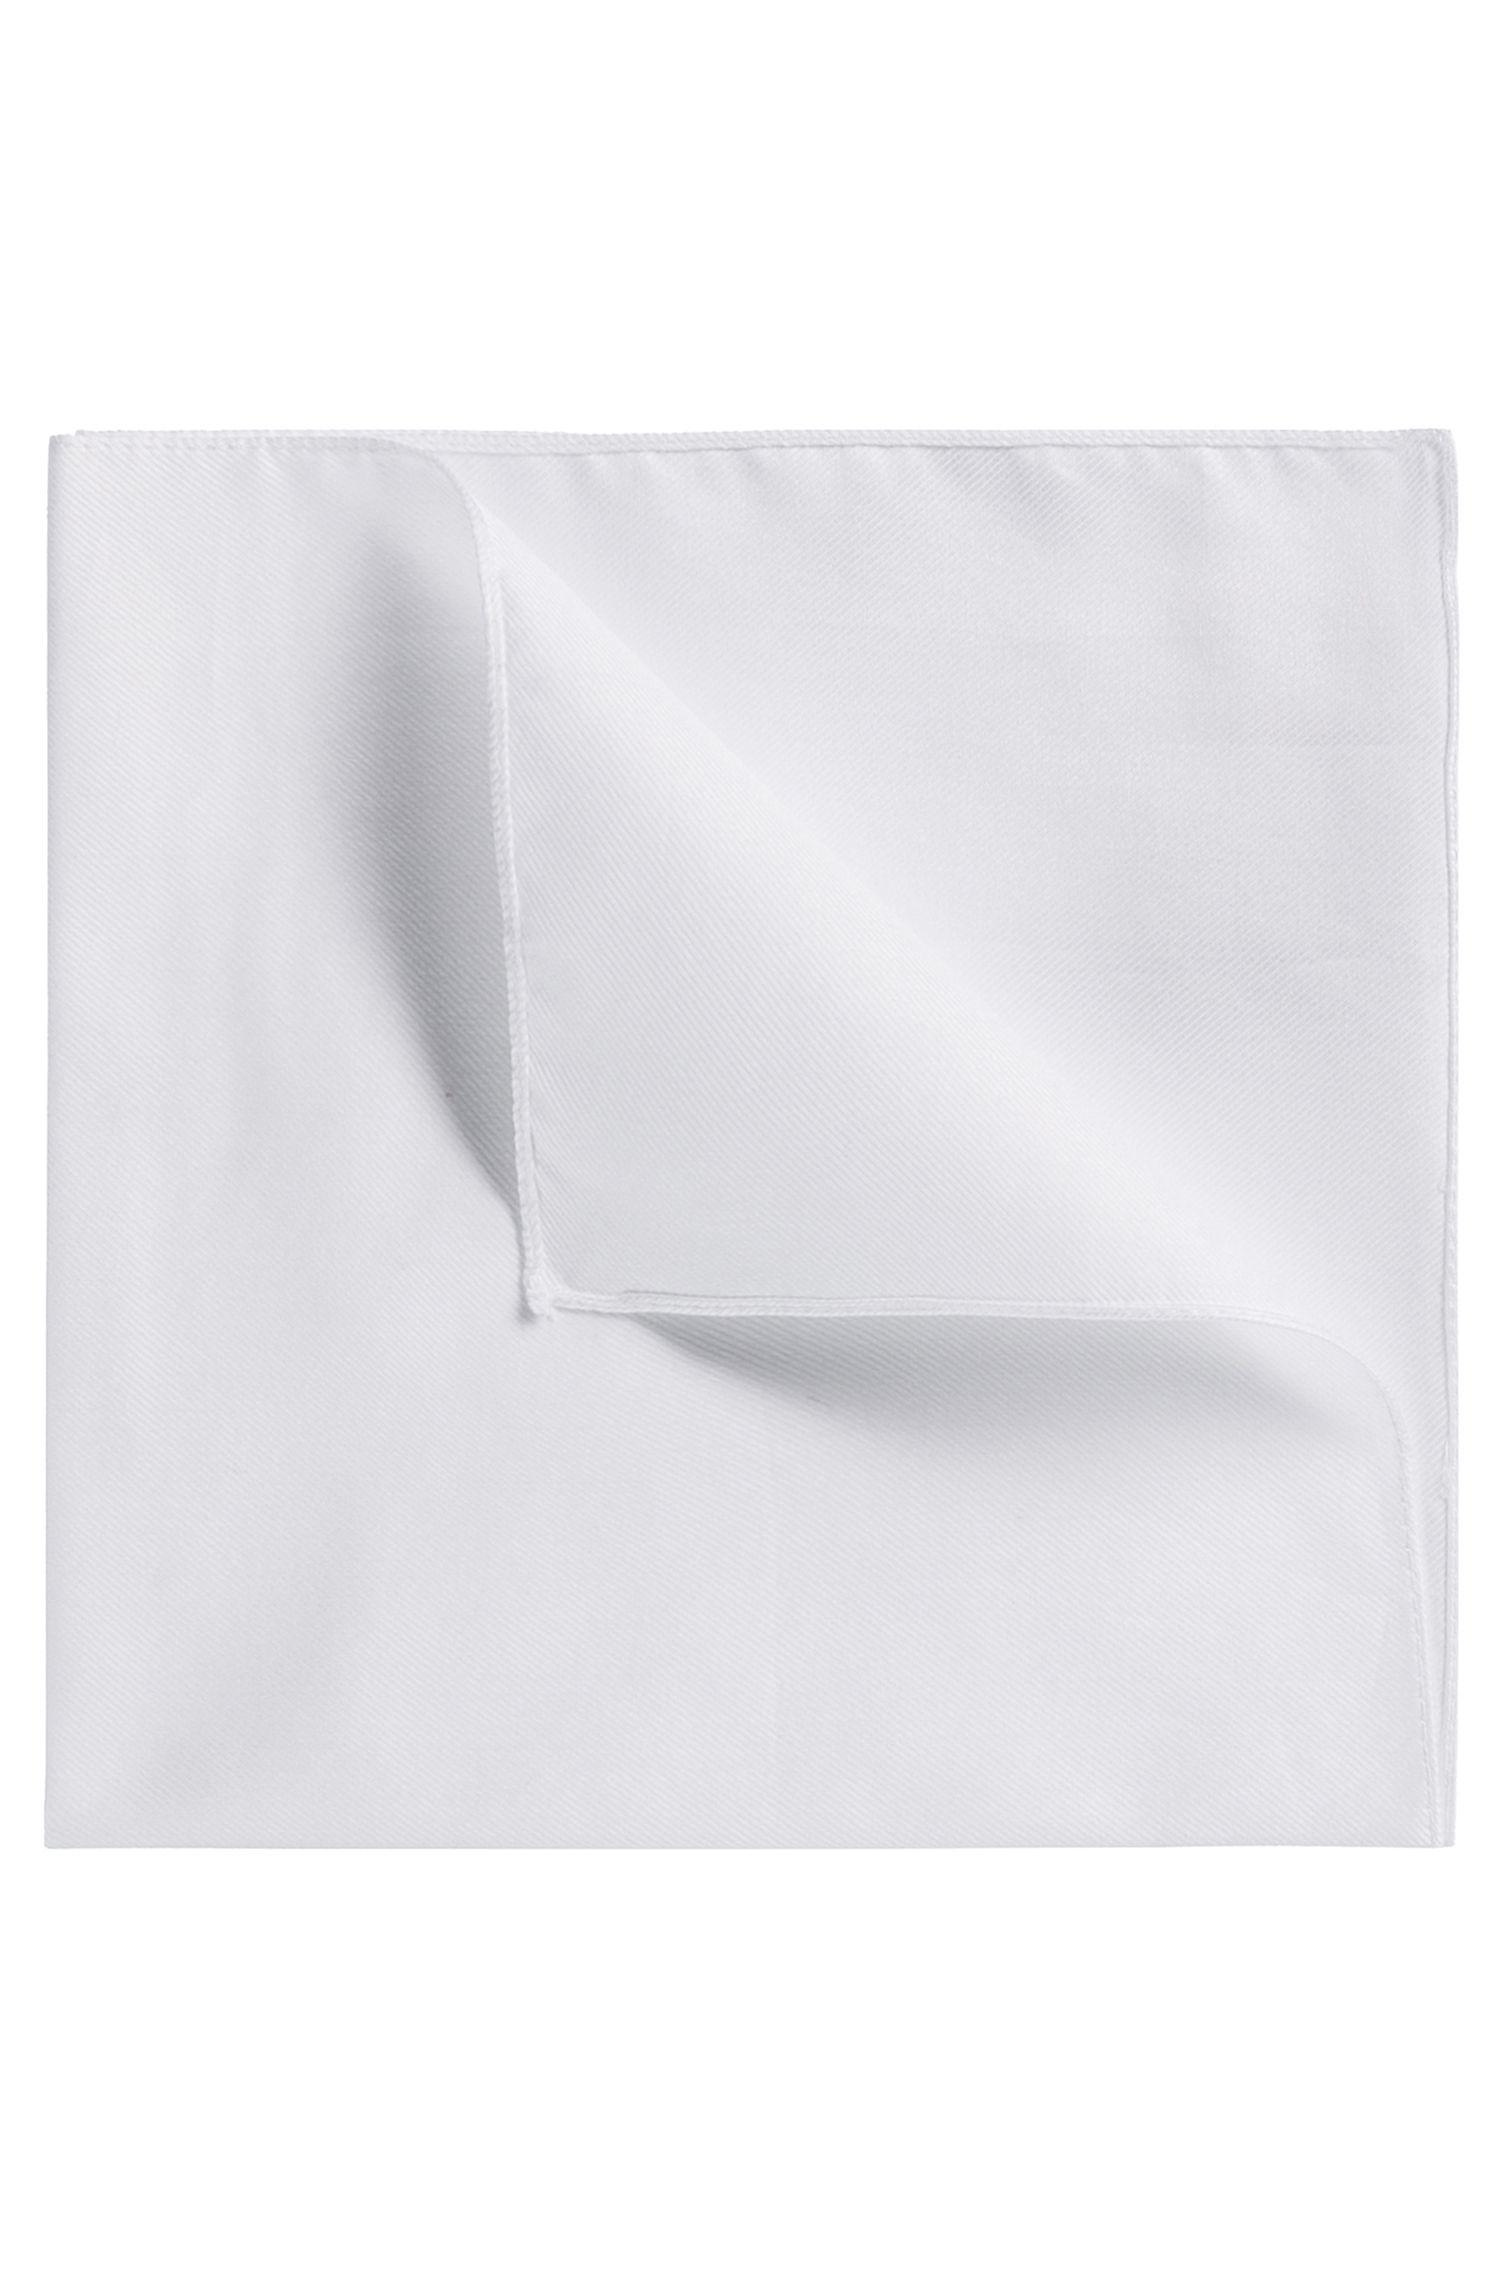 Unifarbenes Einstecktuch aus Baumwolle, Weiß